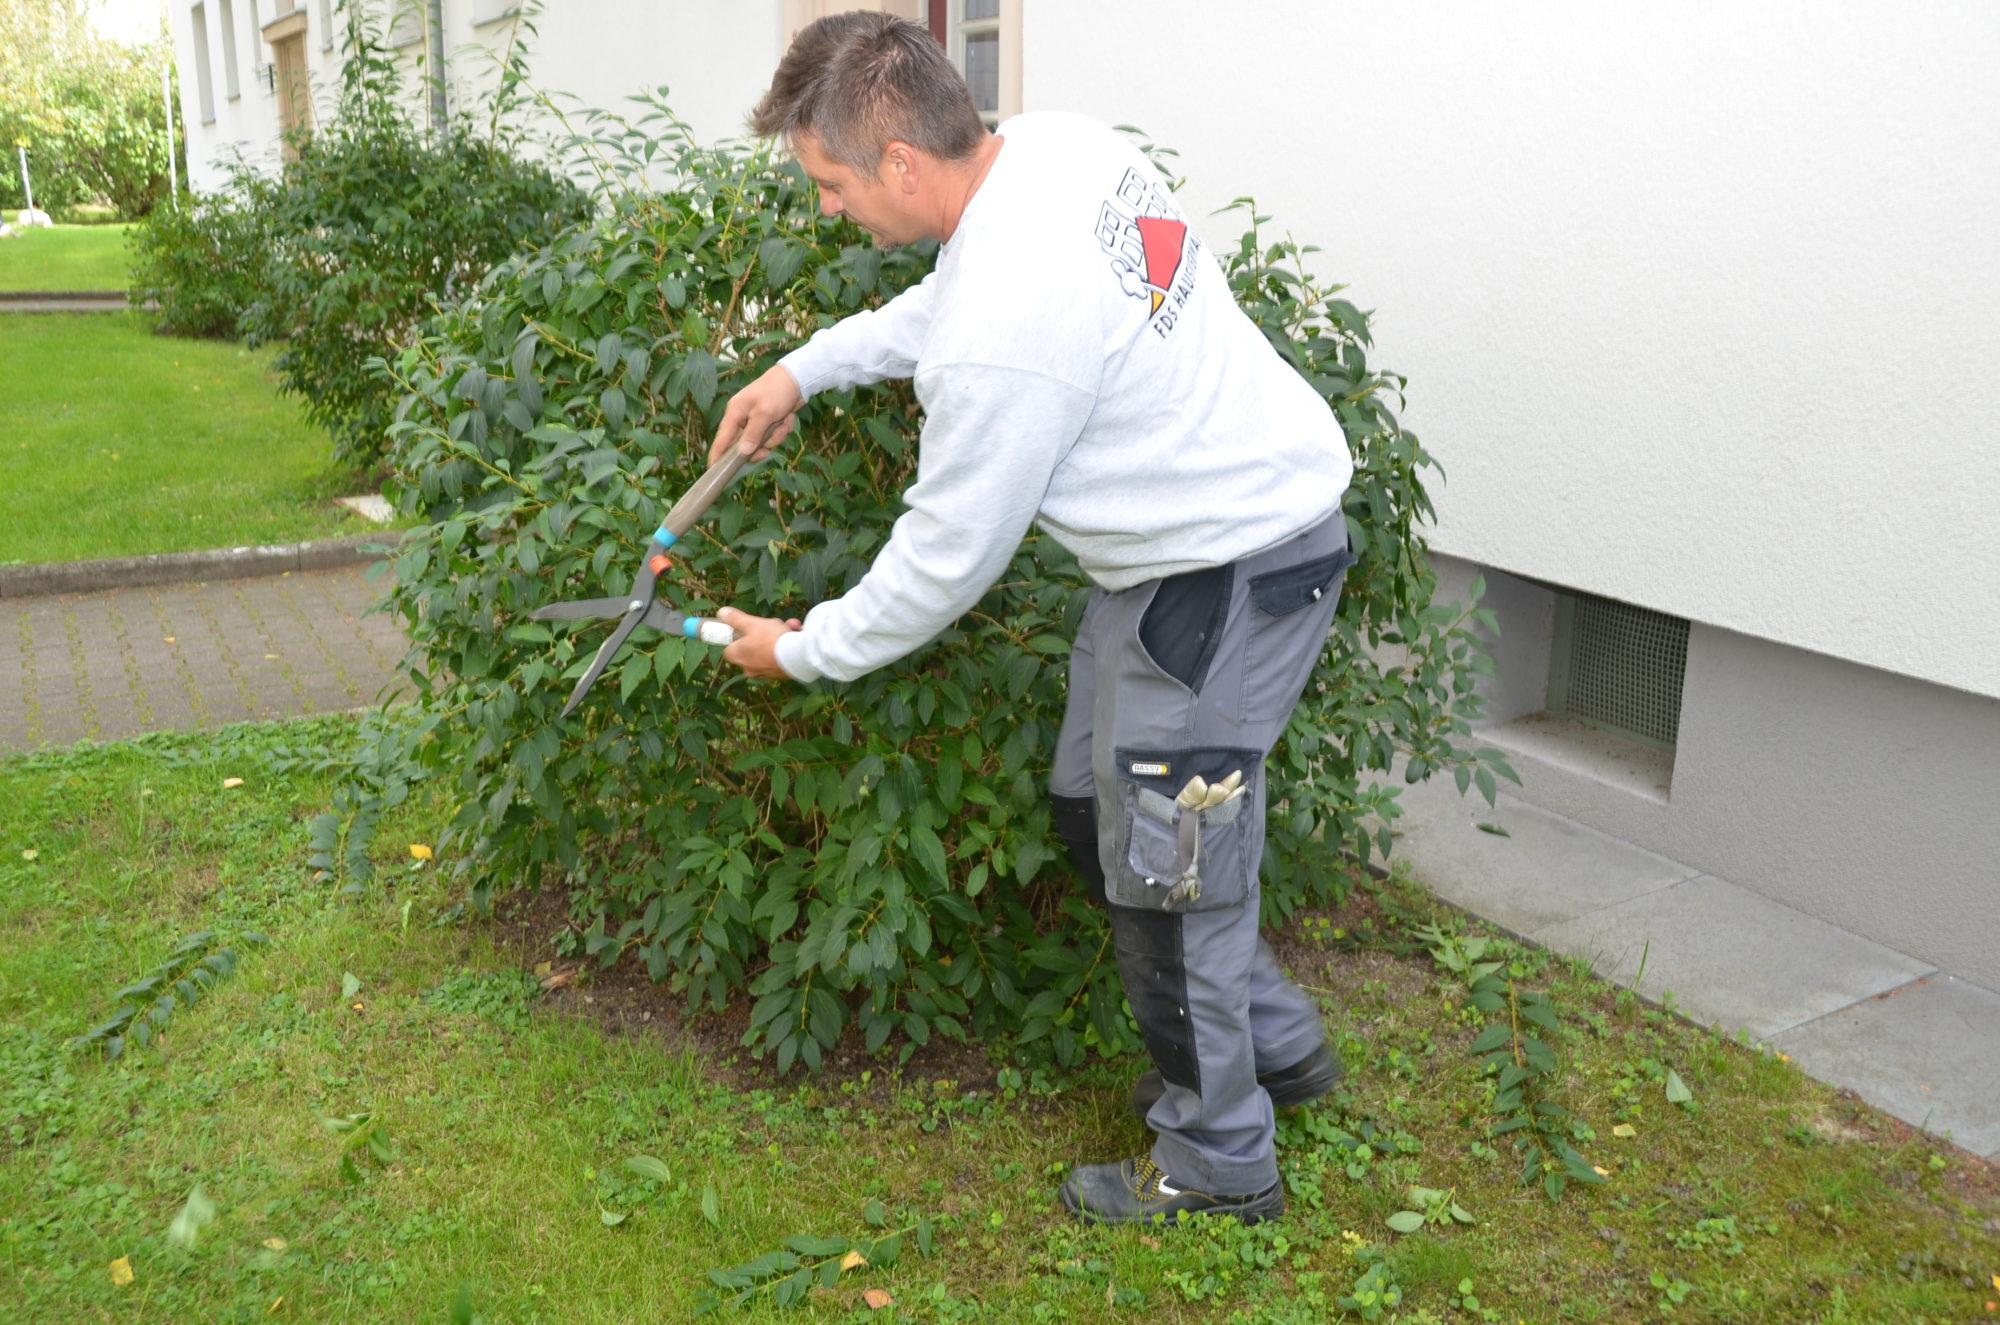 Rafal Dudek bei der Arbeit: Er schneidet eine Hecke mit der Heckenschere.